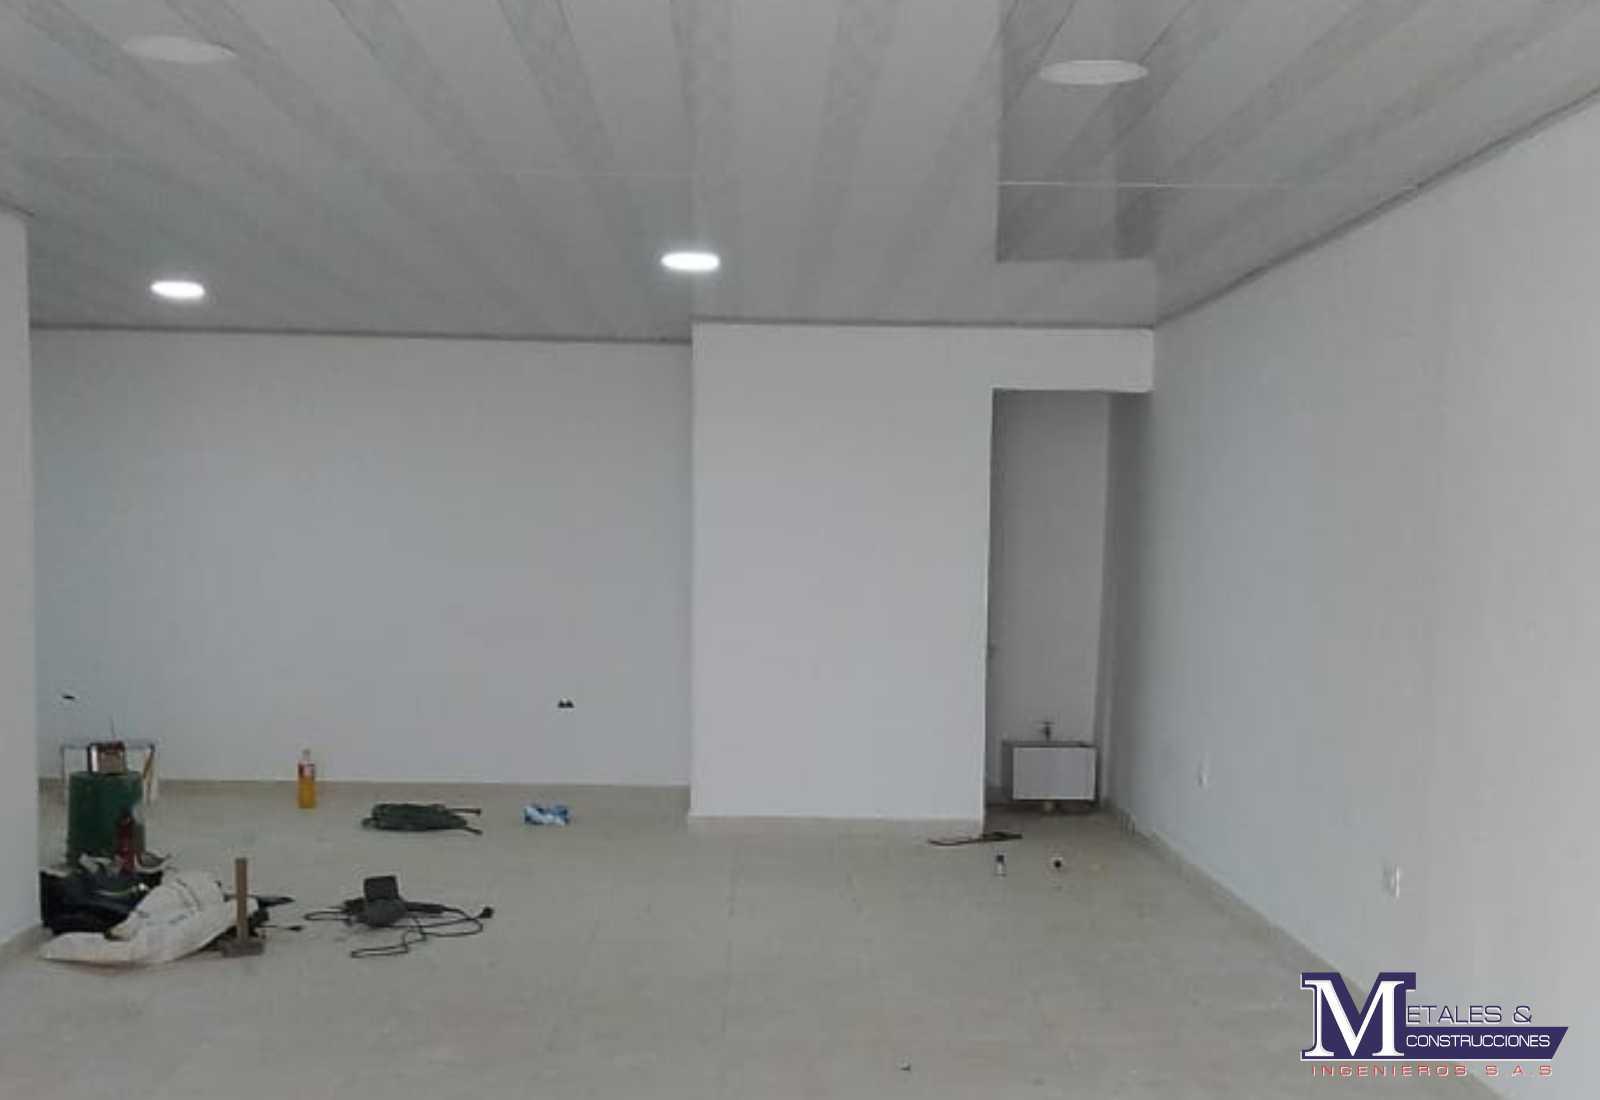 Remodelaciones Metales y construcciones 2101